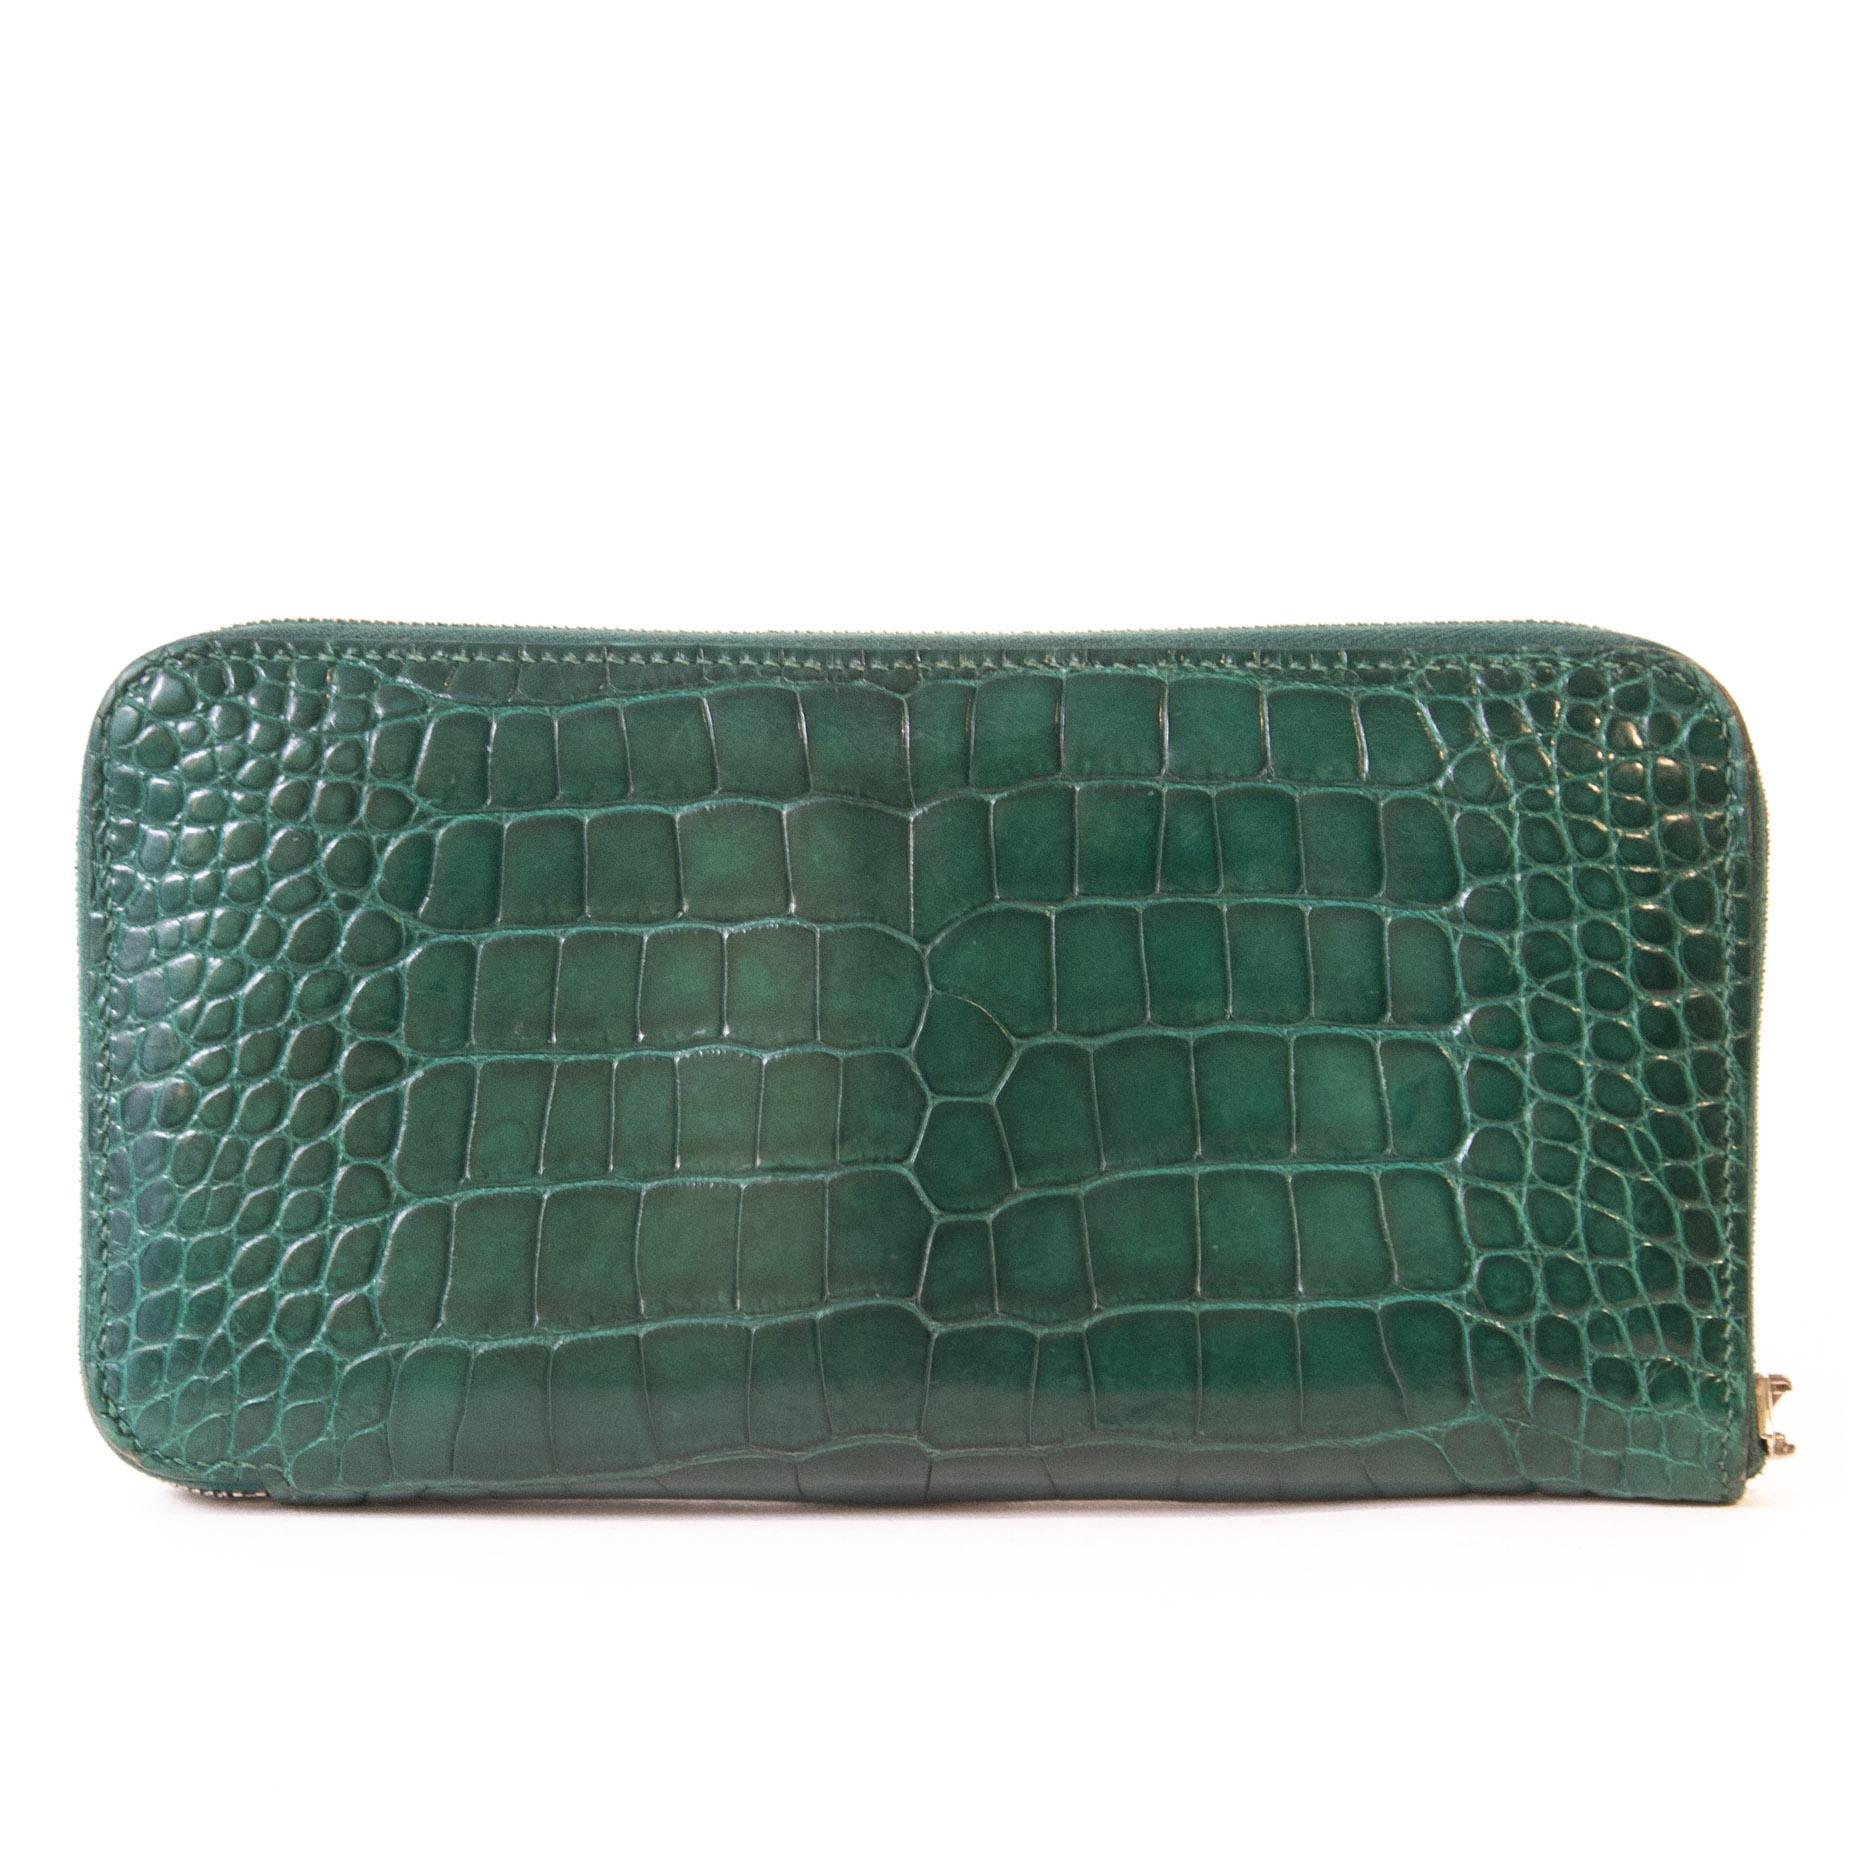 Authentieke tweedehands Hermès Azap Crocodile Green Leather Wallet juiste prijs veilig online winkelen LabelLOV webshop luxe merken winkelen Antwerpen België mode fashion